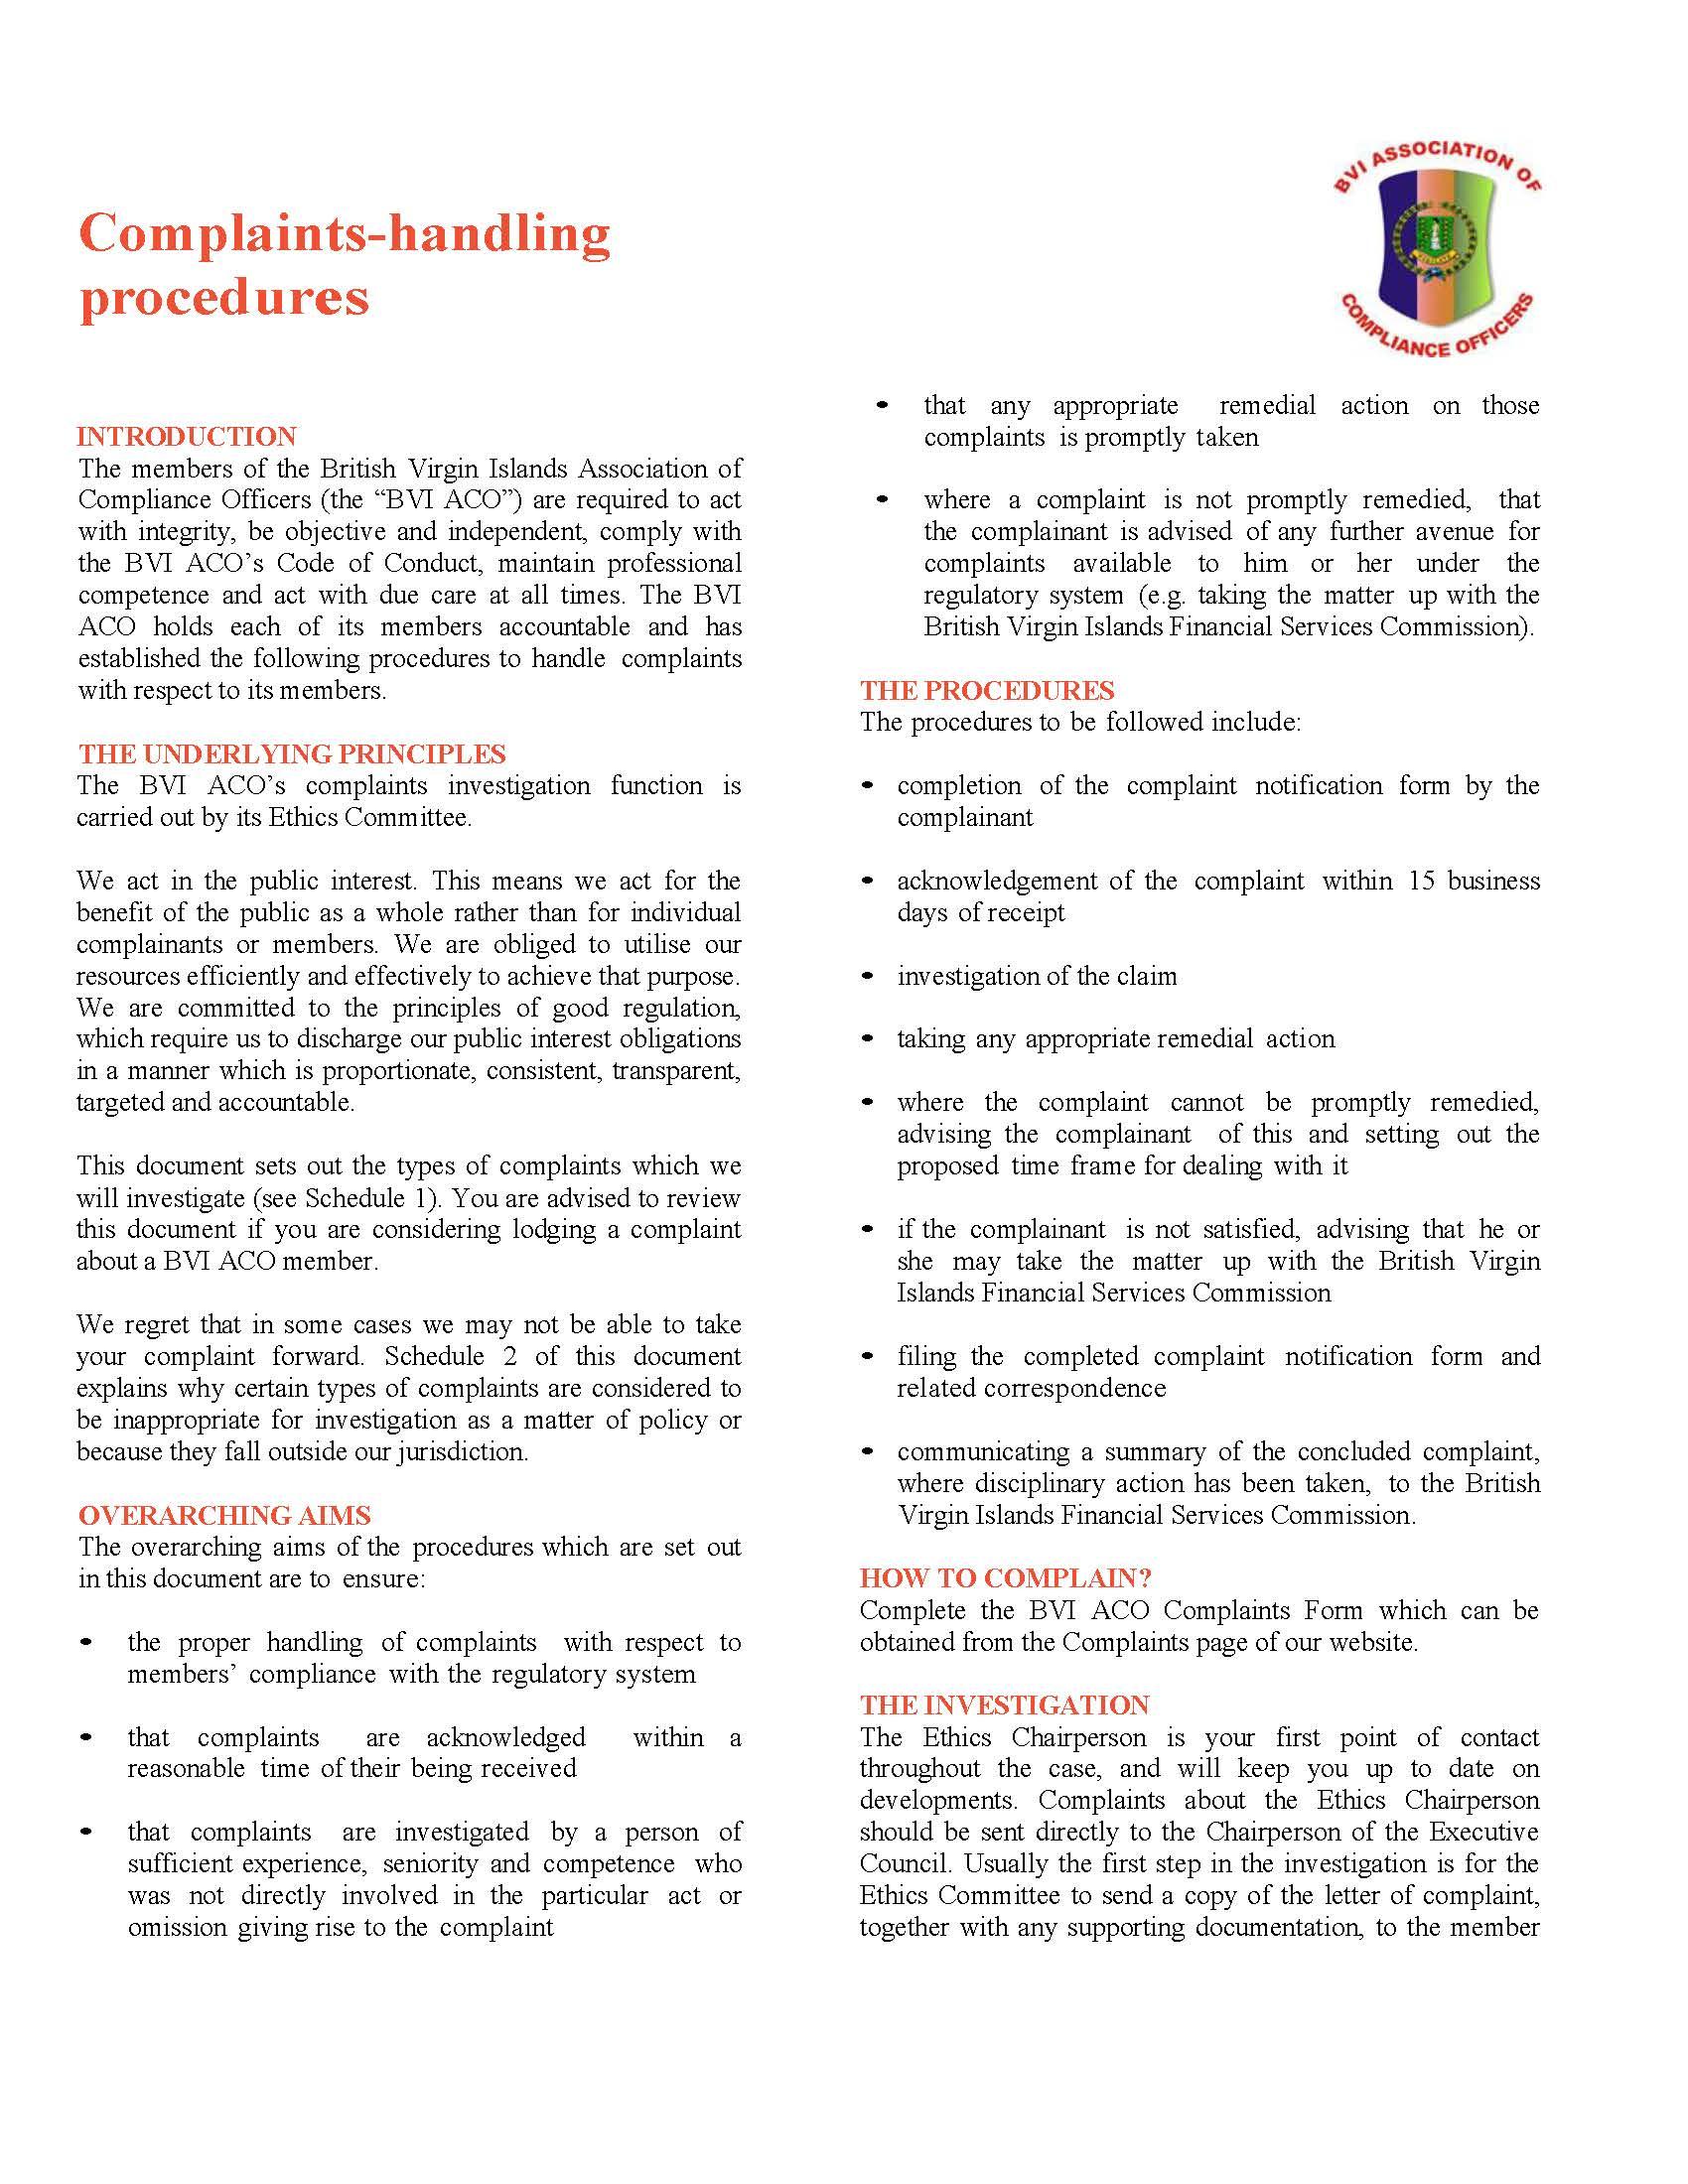 Complaints Handling Procedures